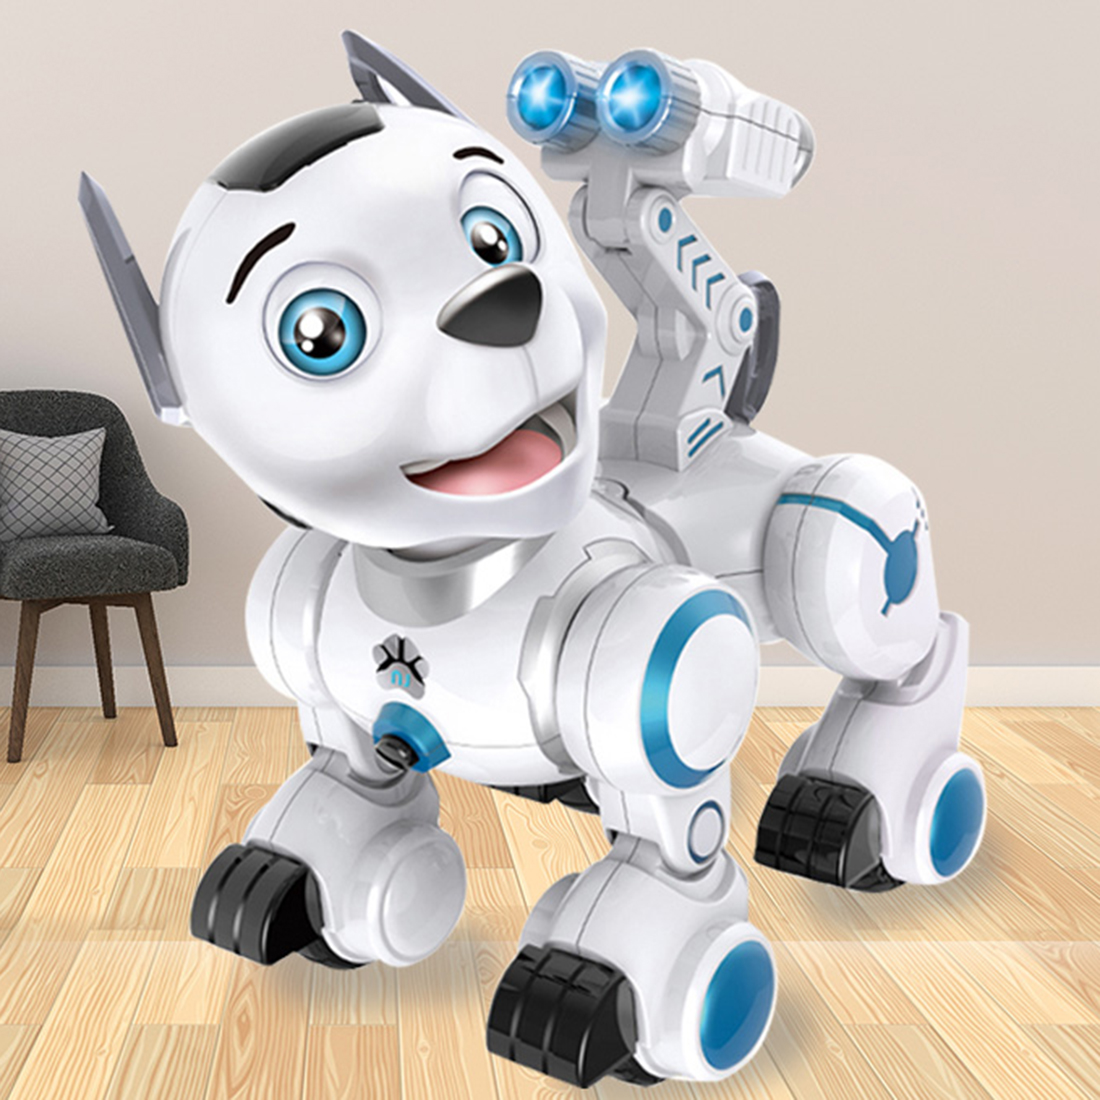 Enfants Tôt Éducation Pet Chien Intelligent RC Robot Intelligent Patrouille Jouet Pour Chien avec Danse Clin D'oeil pour Enfant Cadeau D'anniversaire - 4